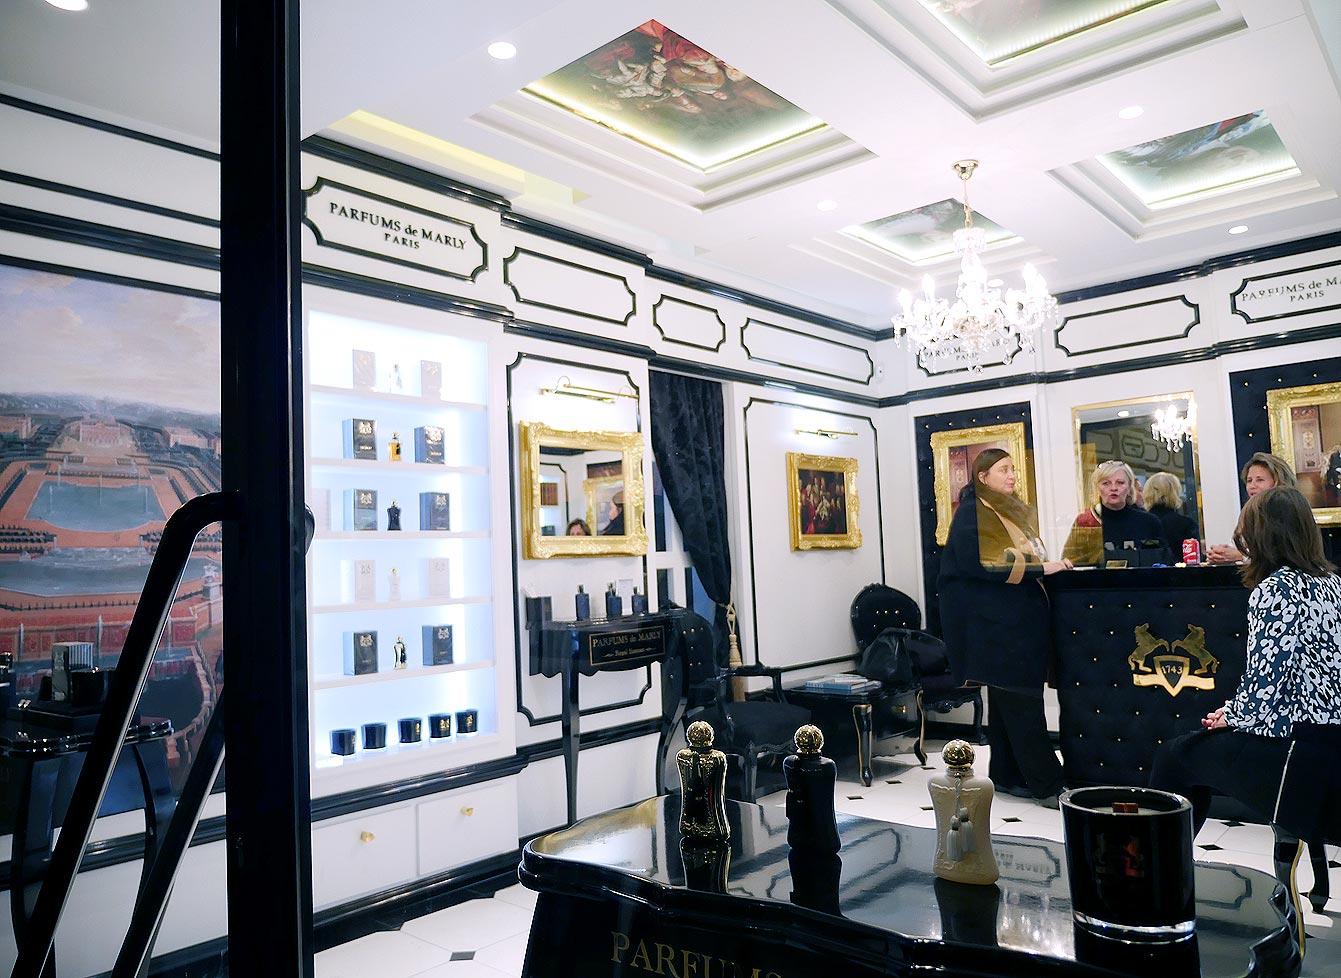 Les Parfums de Marly, une marque de prestige française